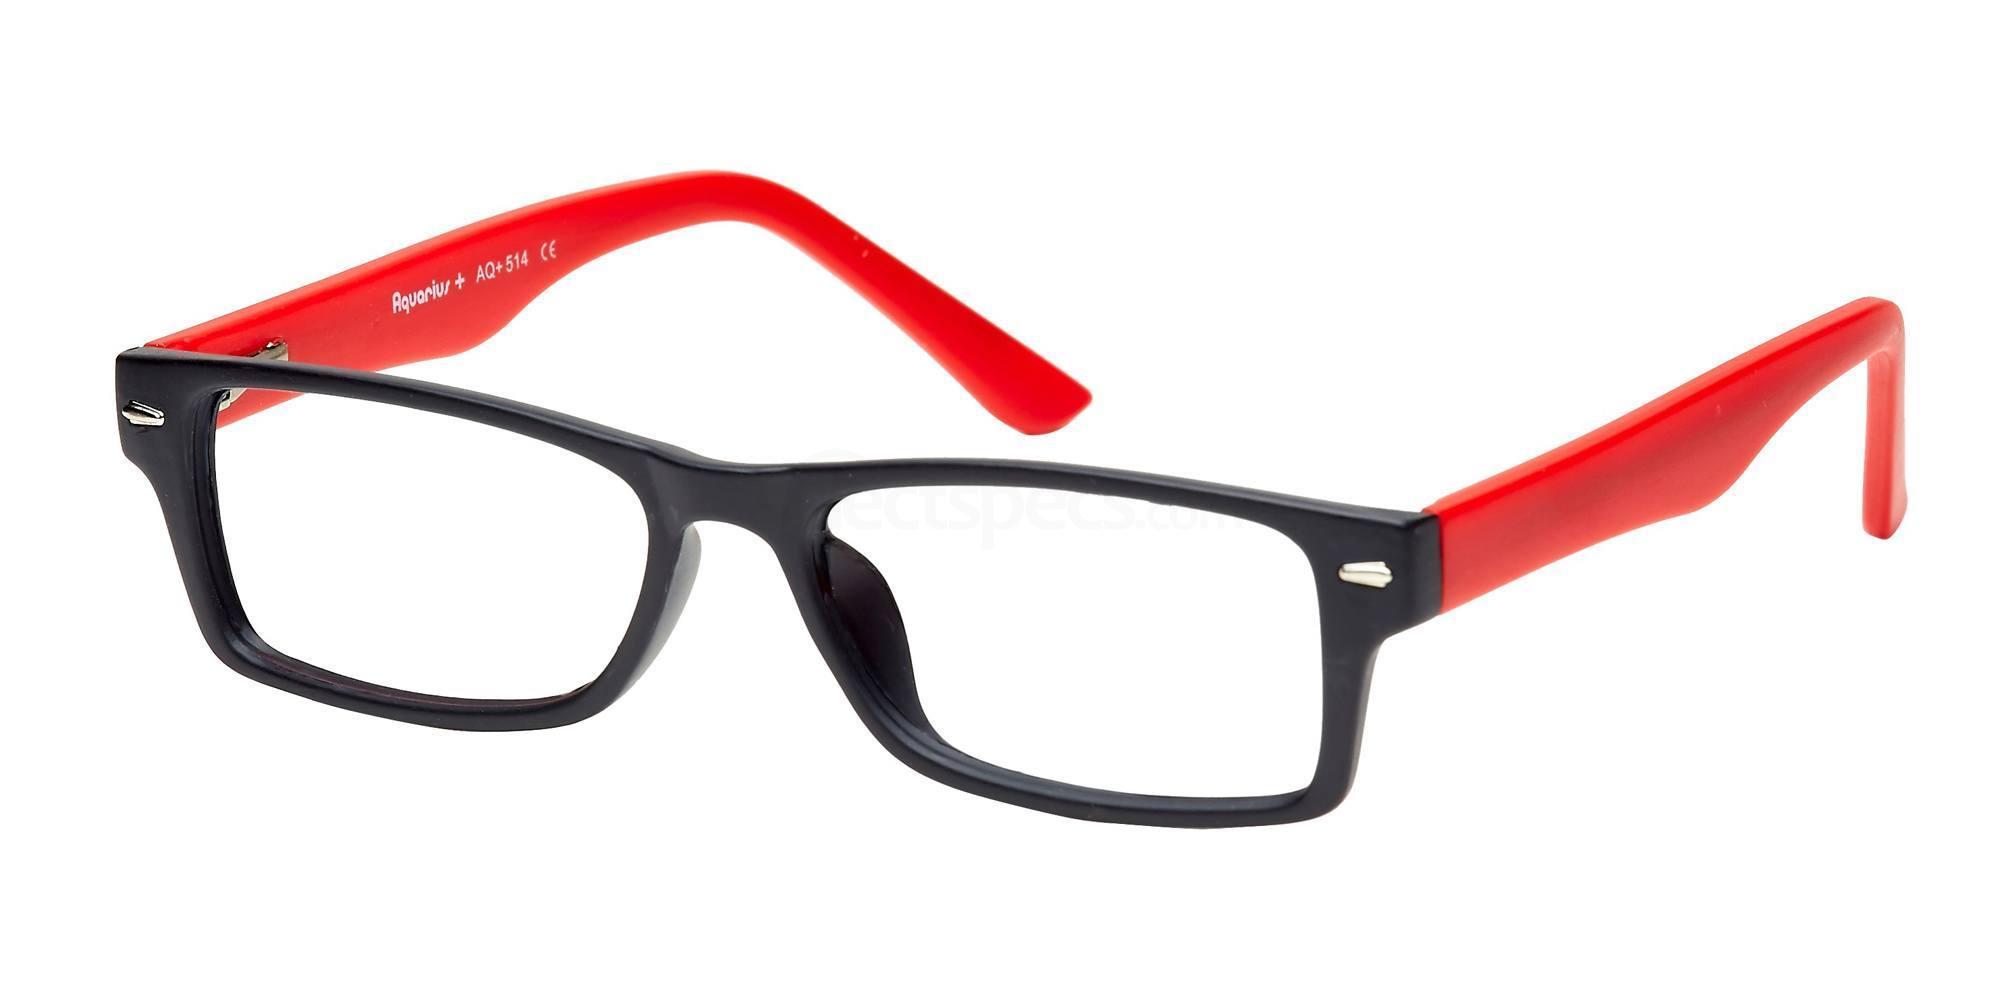 C1 AP514 Glasses, Aquarius+